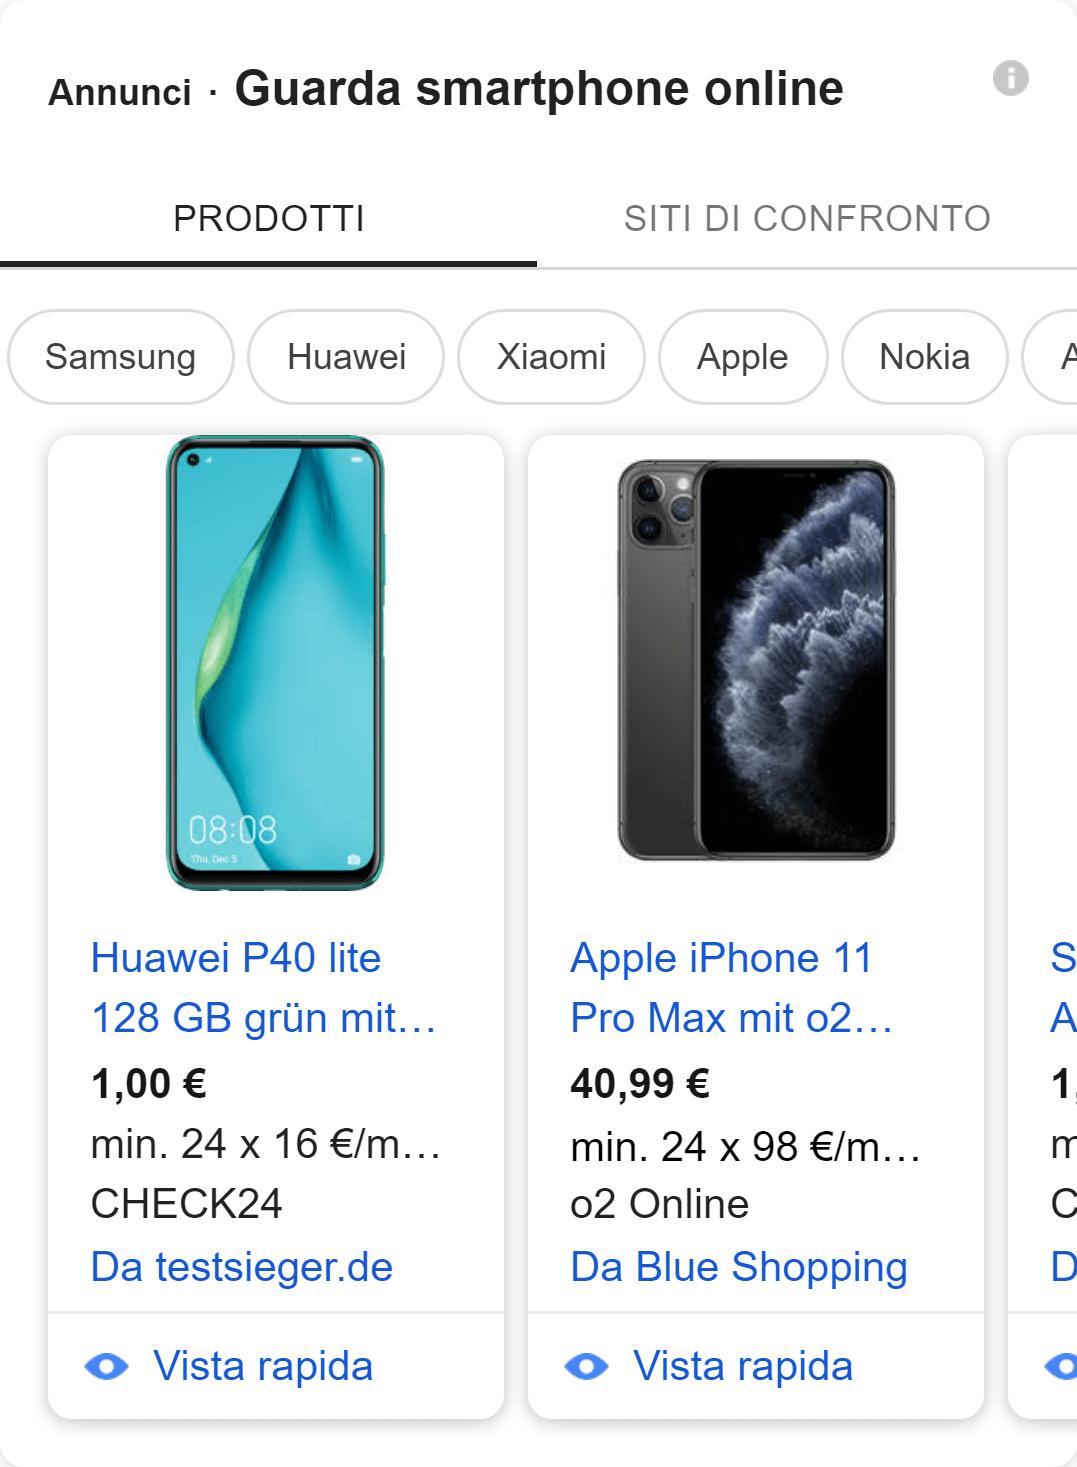 Esempio di annuncio Google Shopping